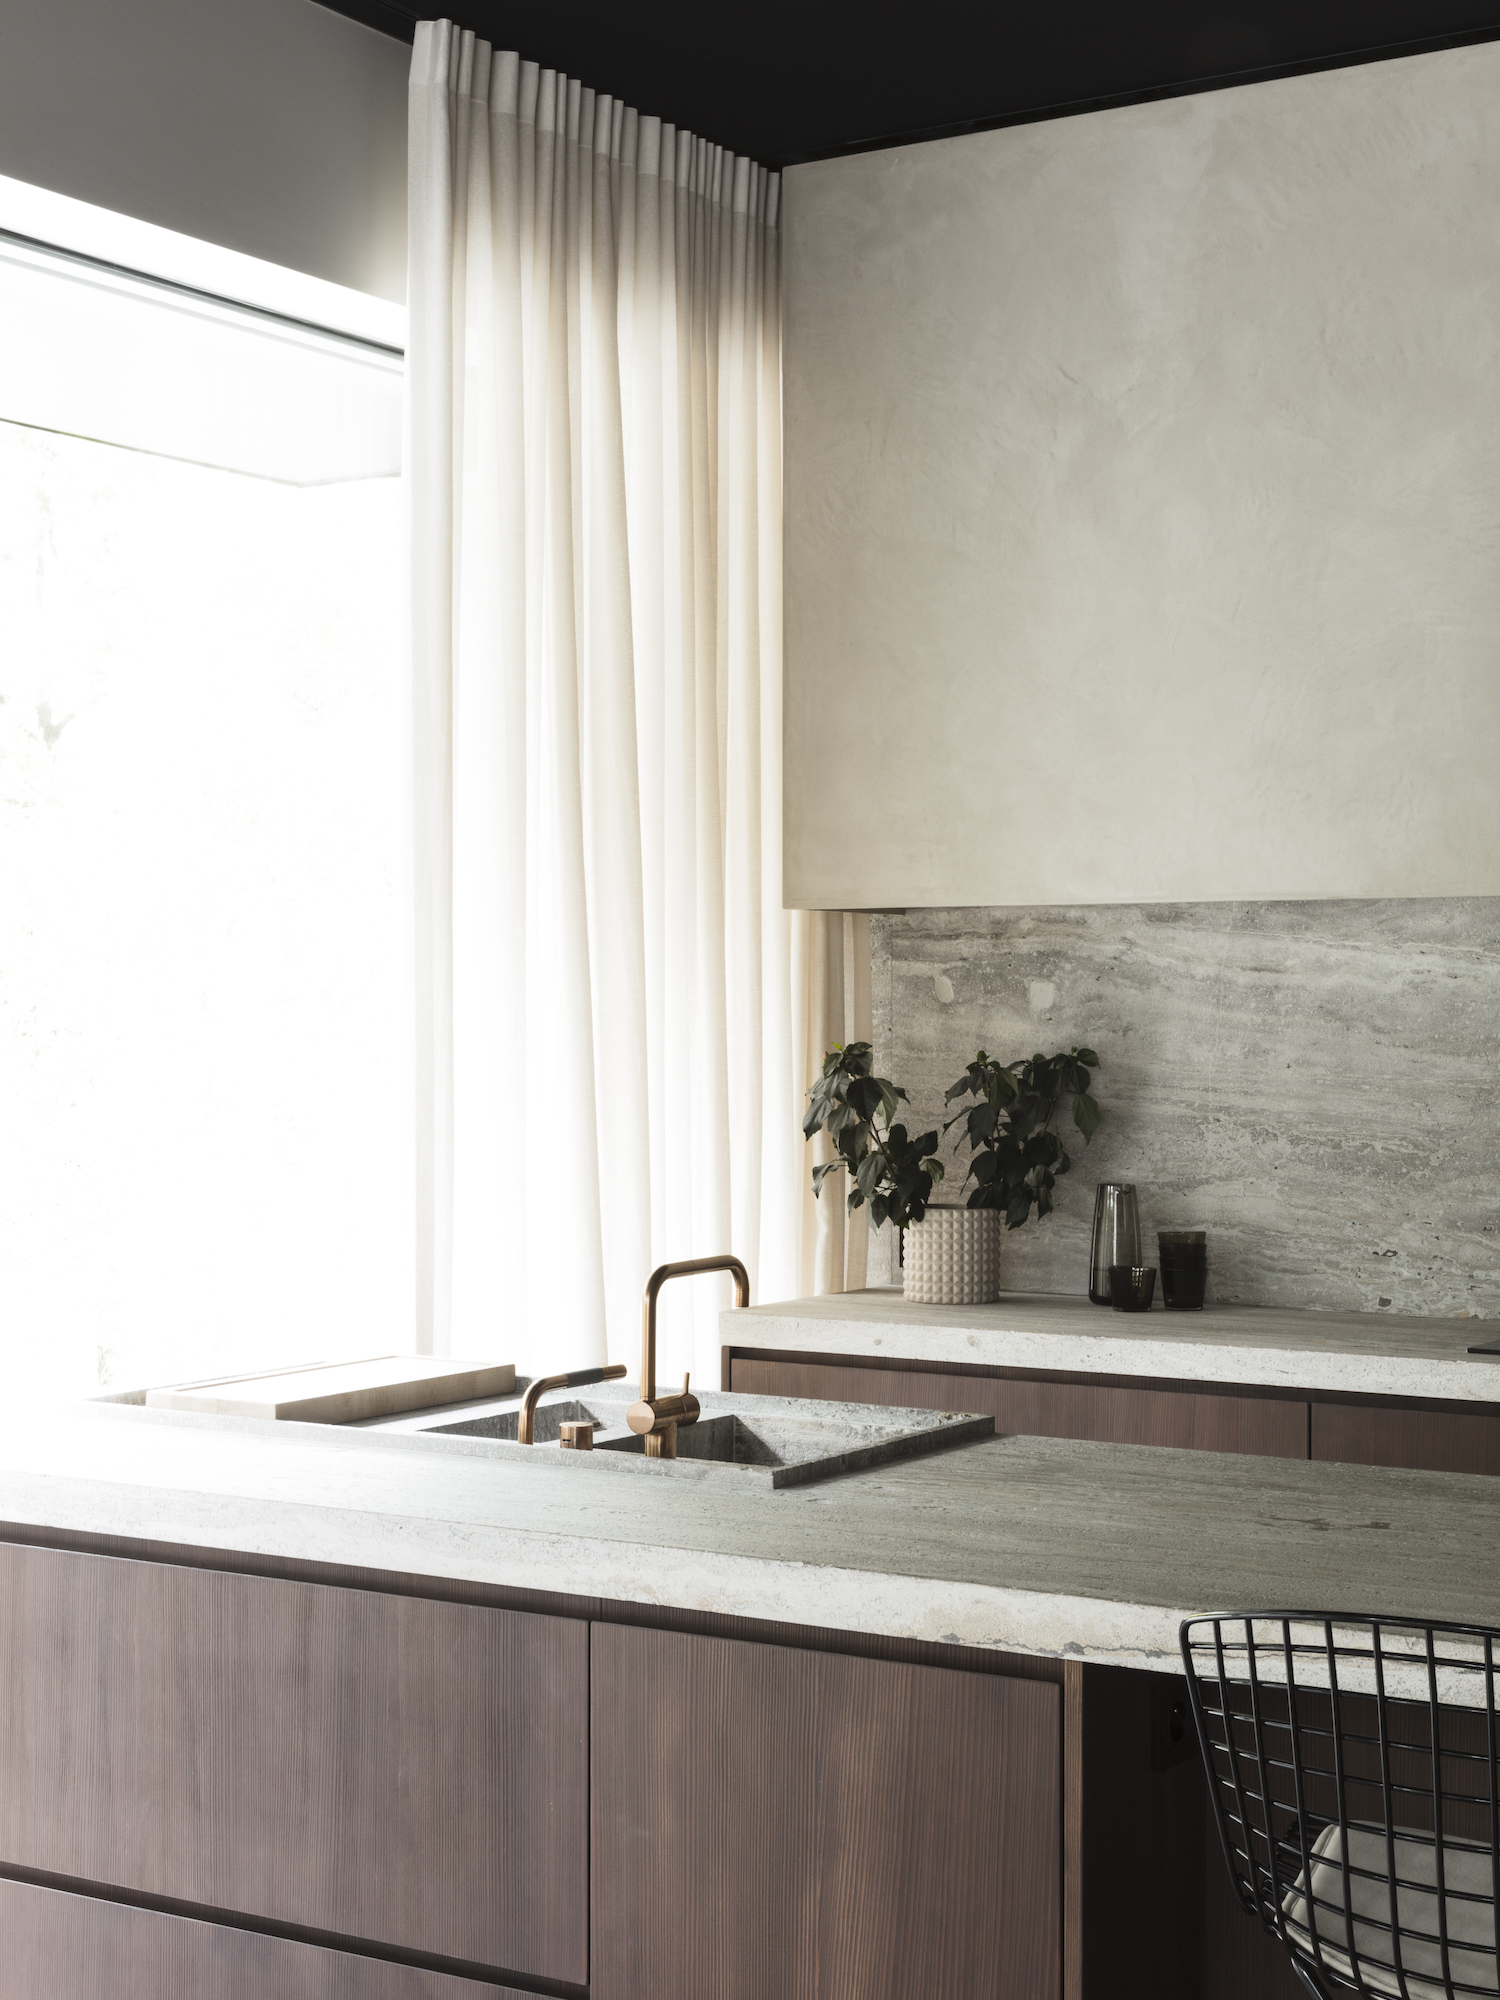 est living where architects live juma architects mathieu luyens julie van de keere 6